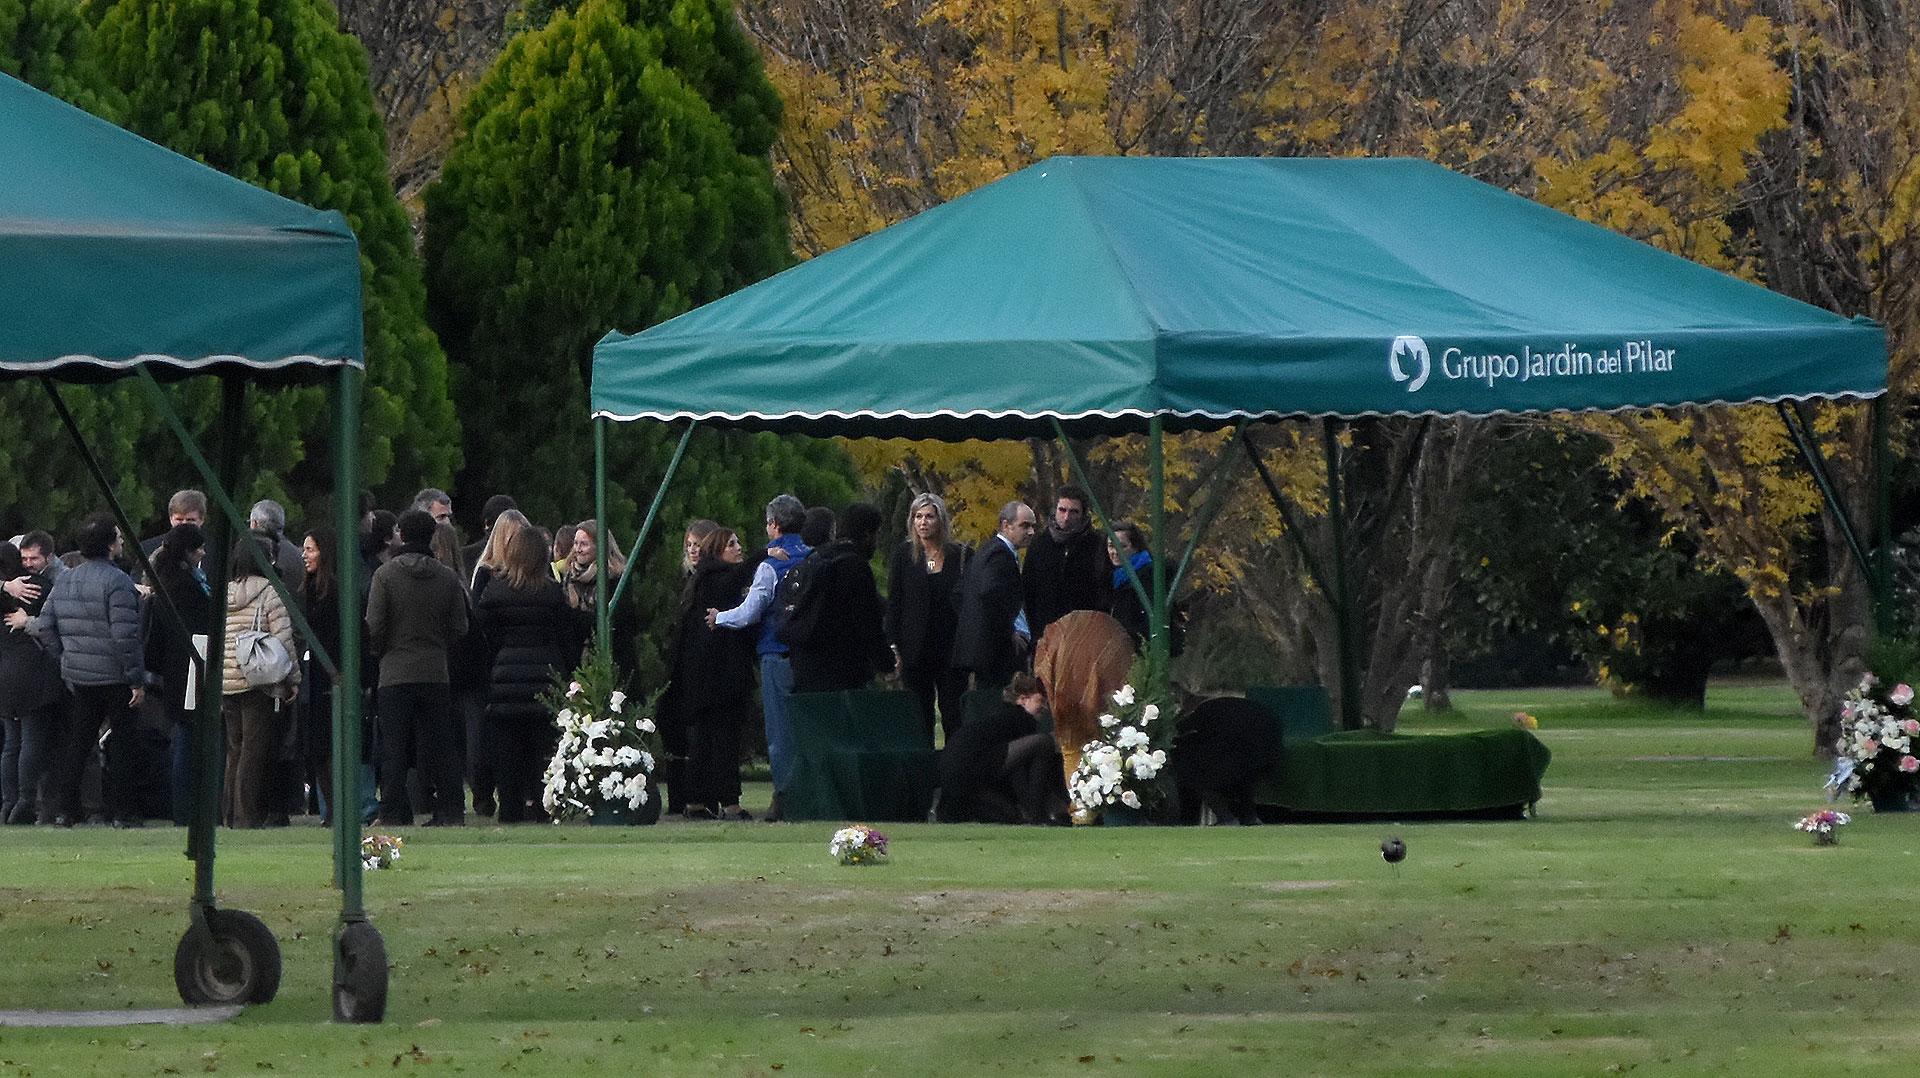 La ceremonia tuvo lugar en el cementerio Memorial del Pilar, donde el 10 de agosto de 2017 Máxima enterró a su padre Jorge Zorreguieta, quien murió a los 89 años luego de padecer un linfoma no-Hodgkin